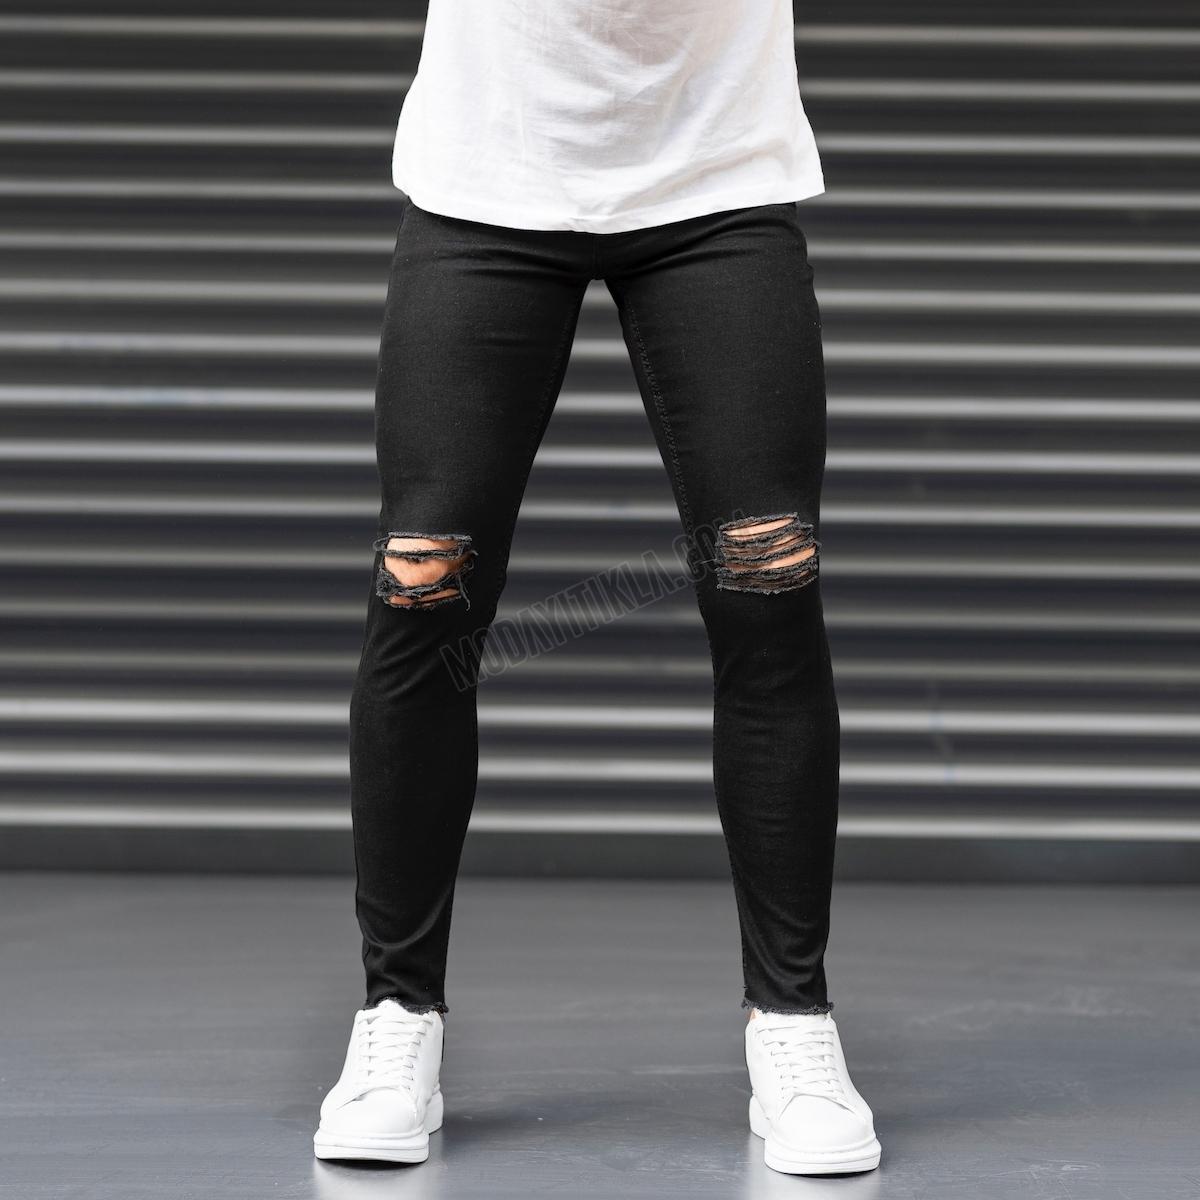 Erkek Dizi Yırtık Püskül Dar Paça Siyah Kot Pantolon